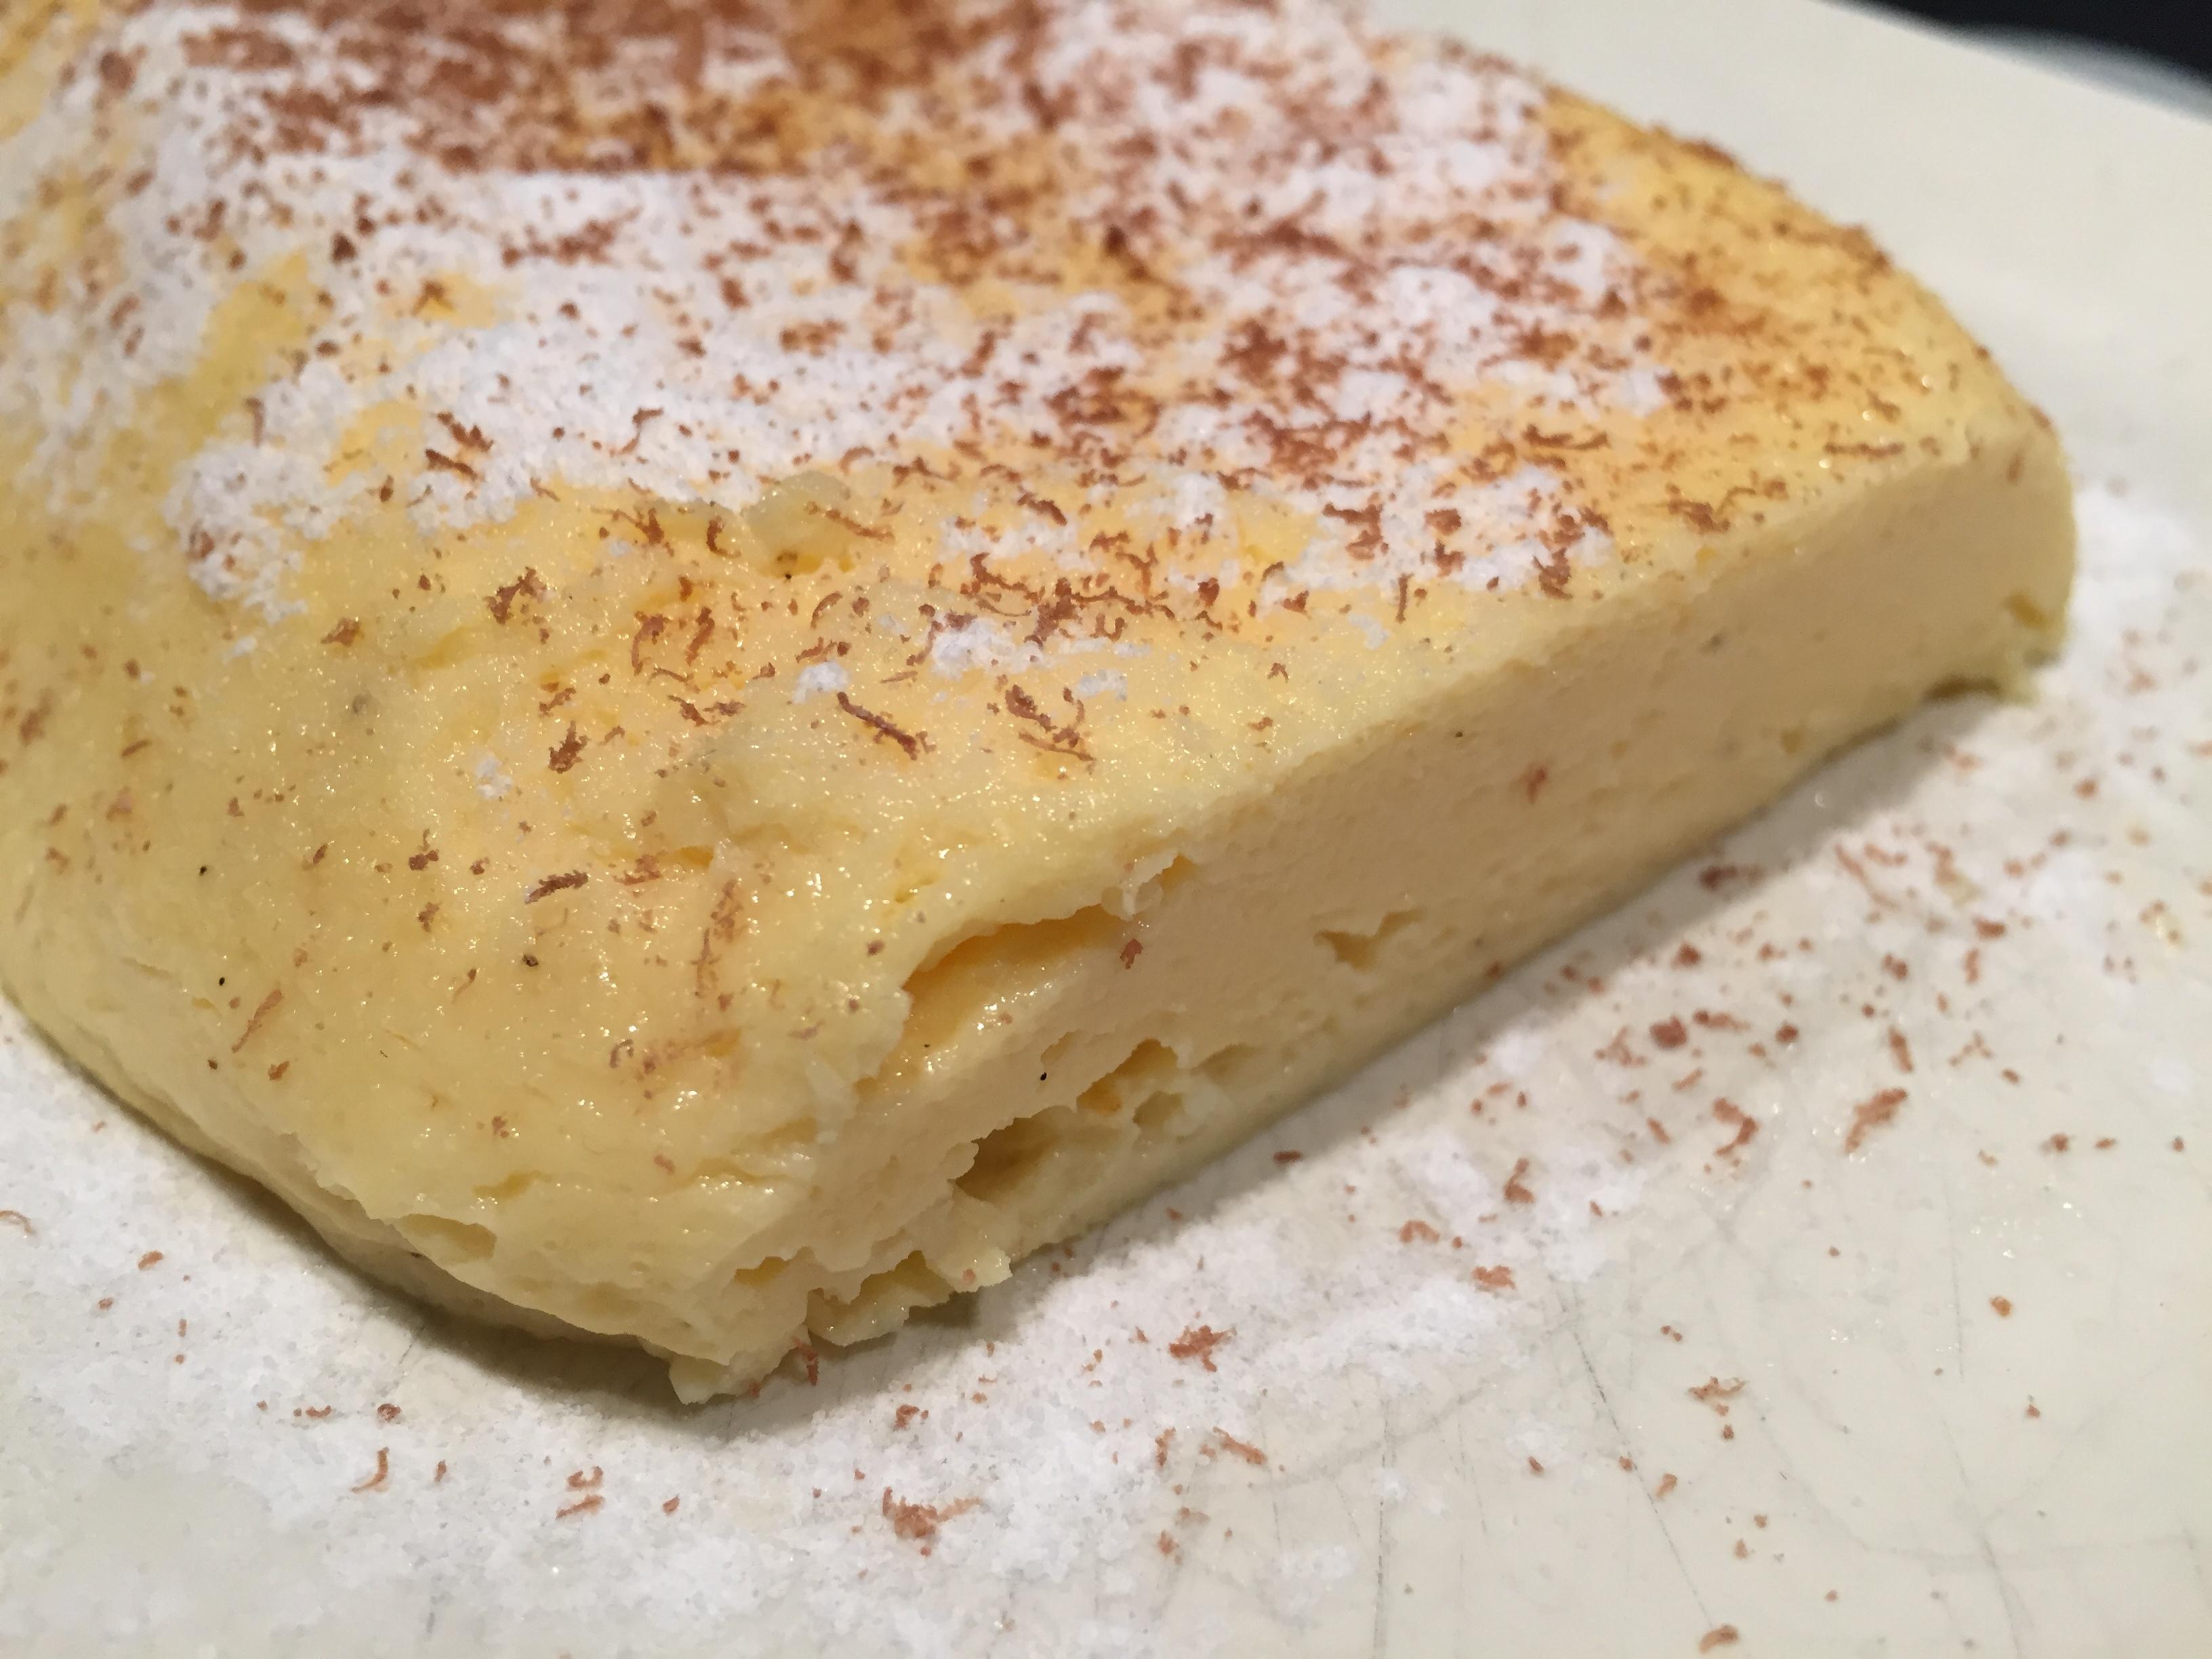 mikrowellen-kaesekuchen-aus-dem-tupperware-mikromeister-omlette-meister-kathis-rezepte